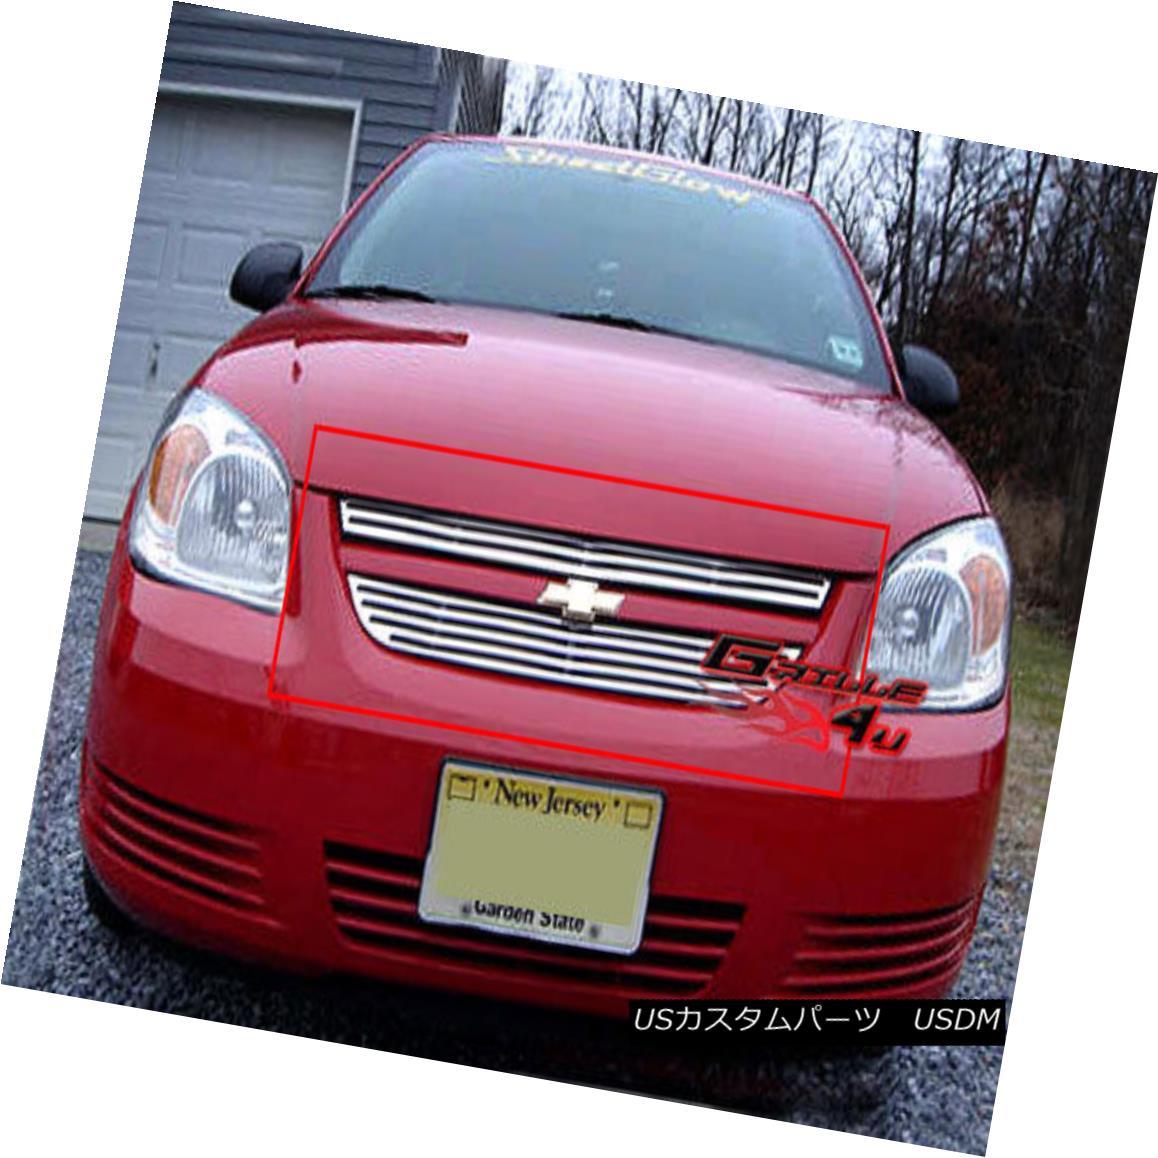 グリル Fits 2005-2010 Chevy Cobalt Perimeter Grille Insert Chevy Cobalt Perimeter Grille Insert 2005-2010に適合